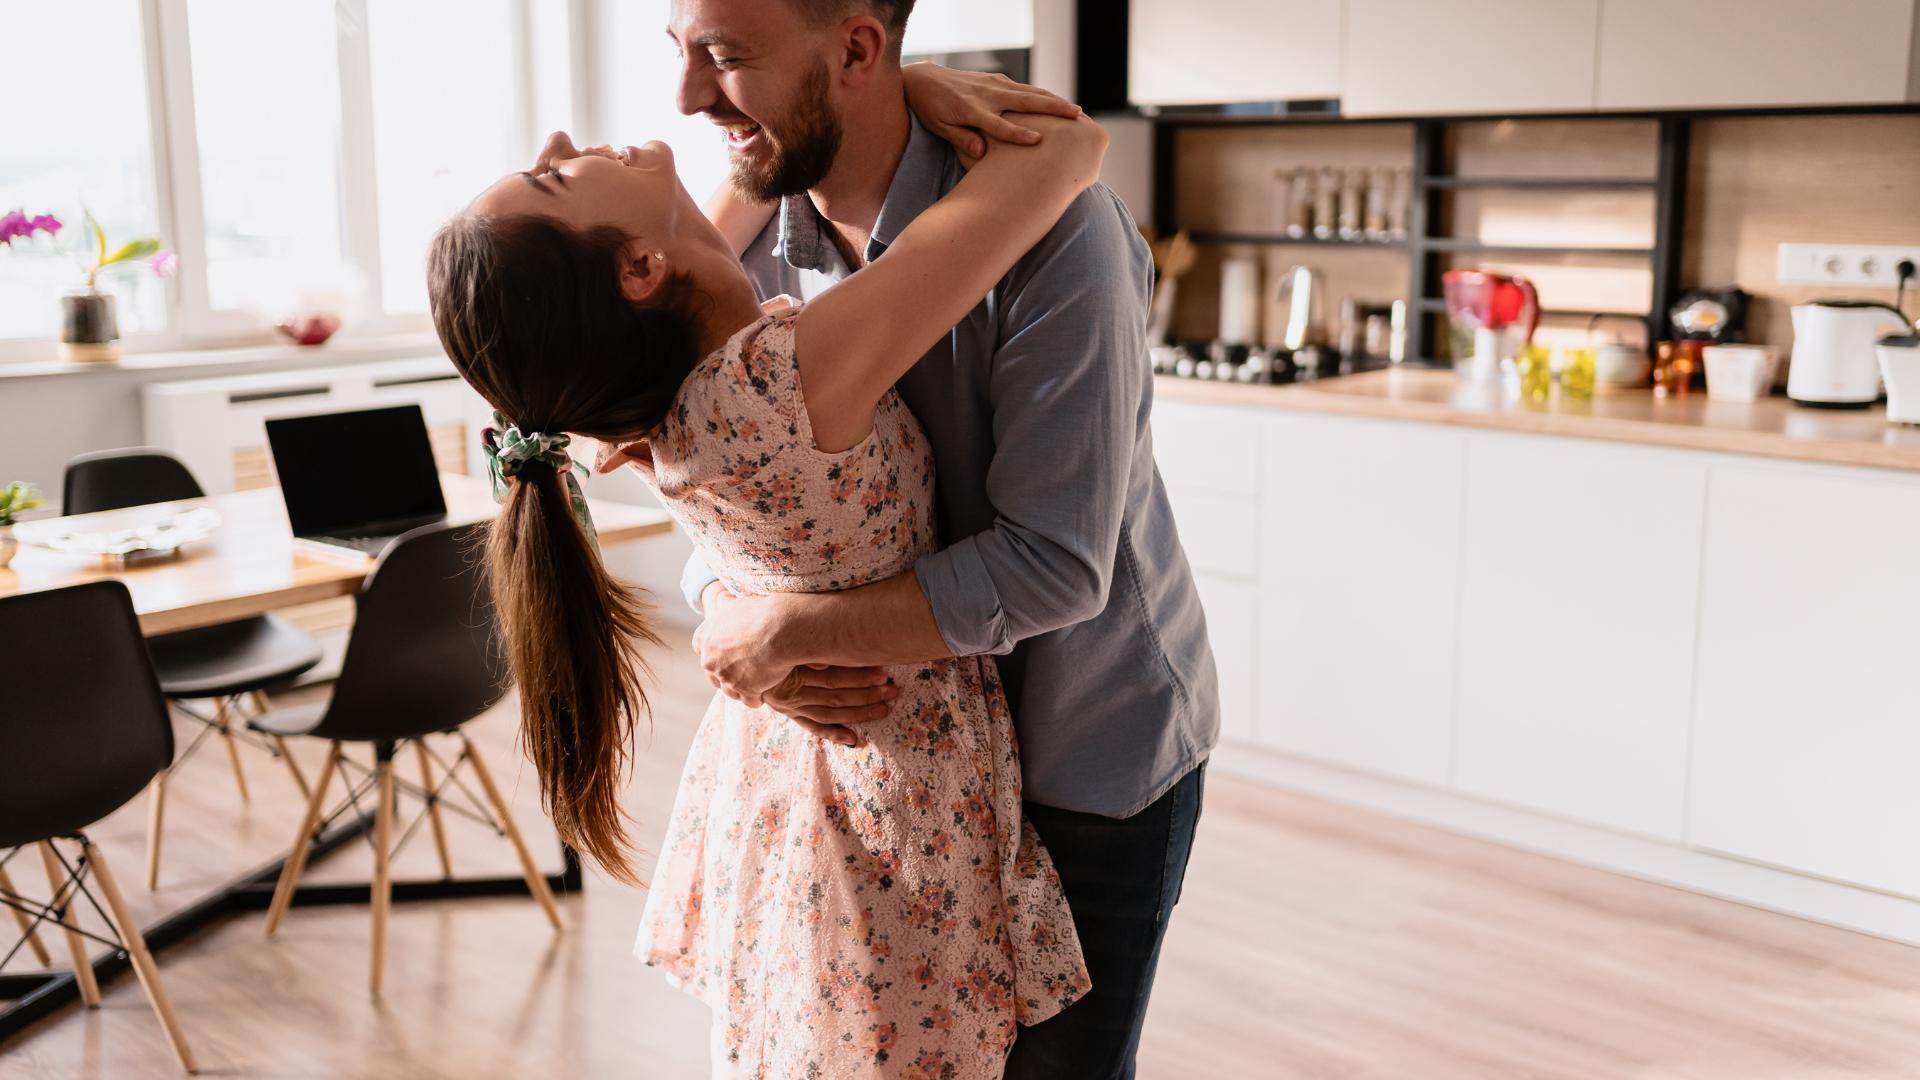 7 fun home date ideas